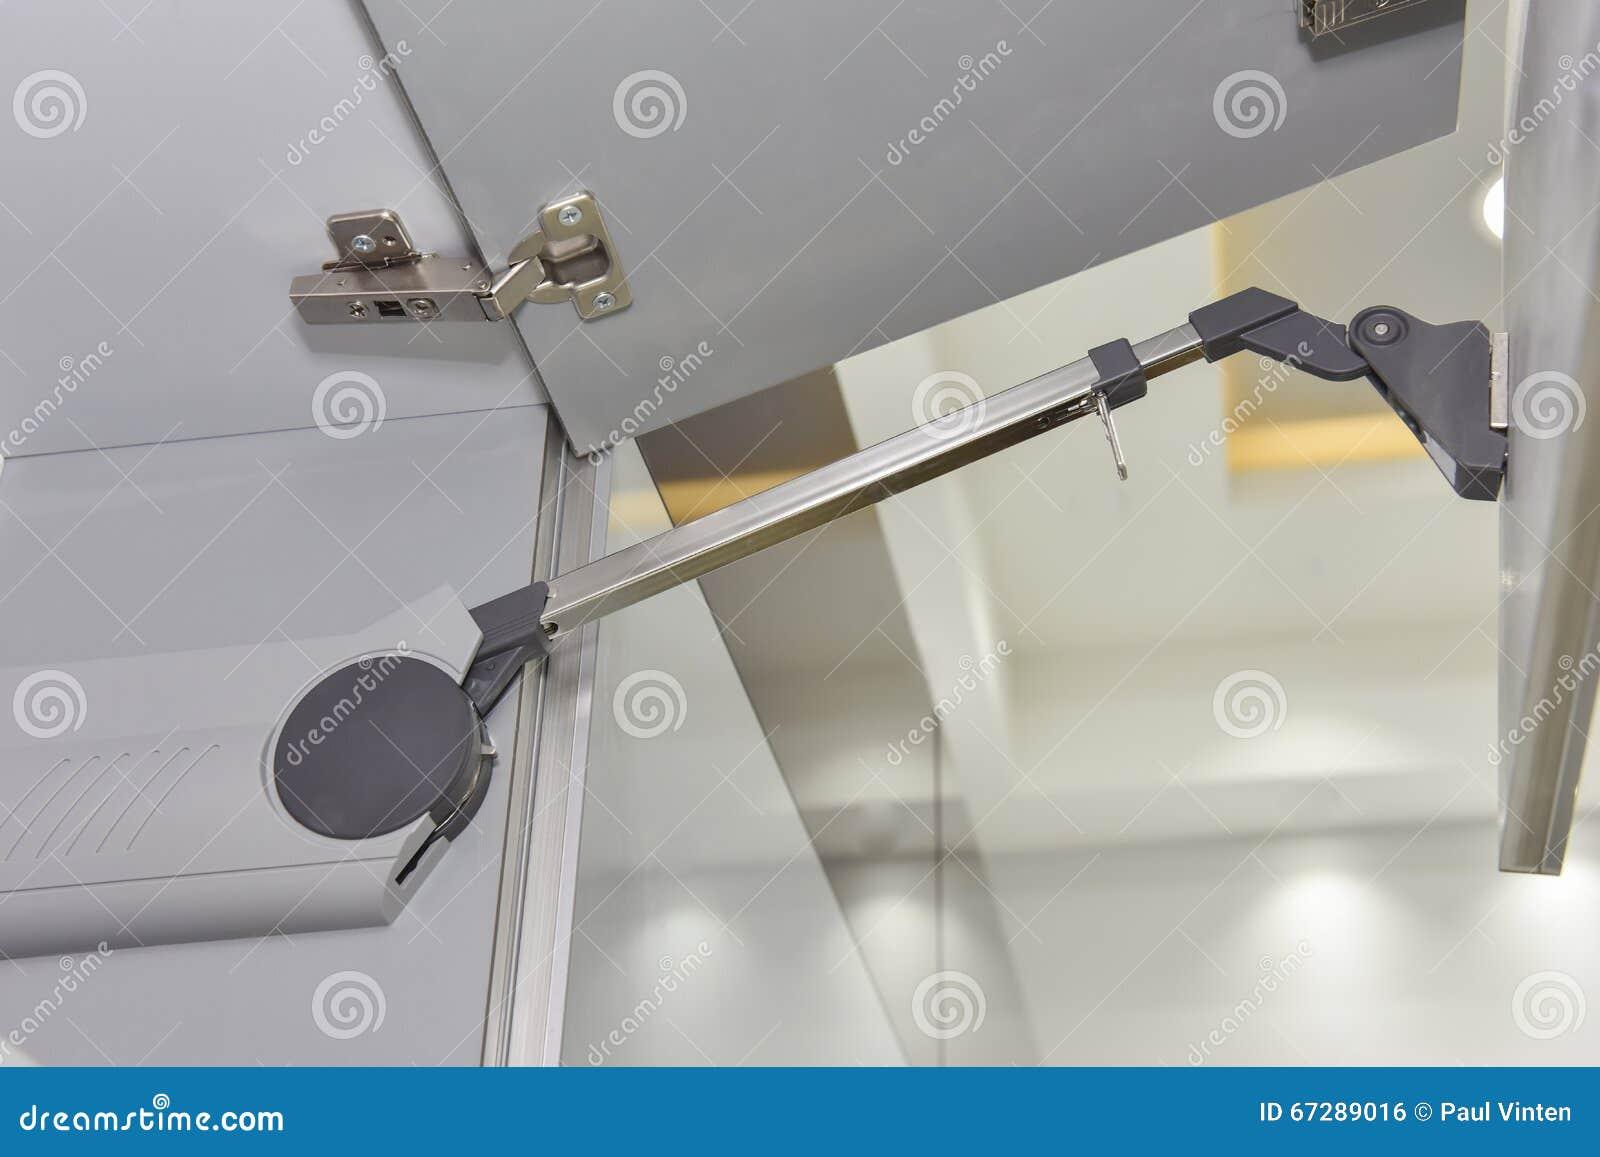 Keuken Scharnieren Monteren : Close updetail van een scharnier op keukenkast stock foto